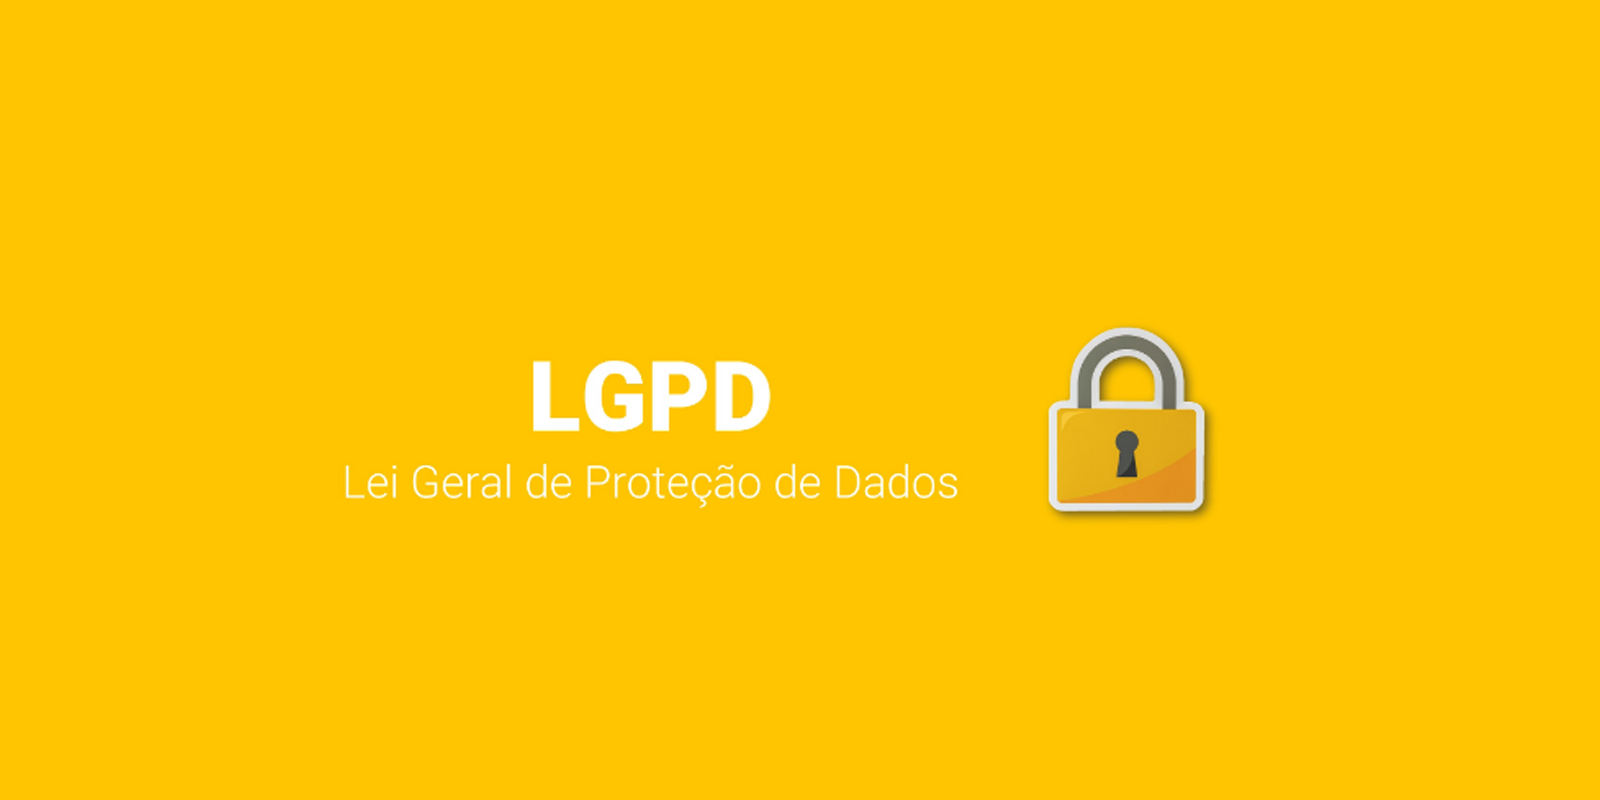 LGPD - Lei Geral de Proteção de Dados Pessoais